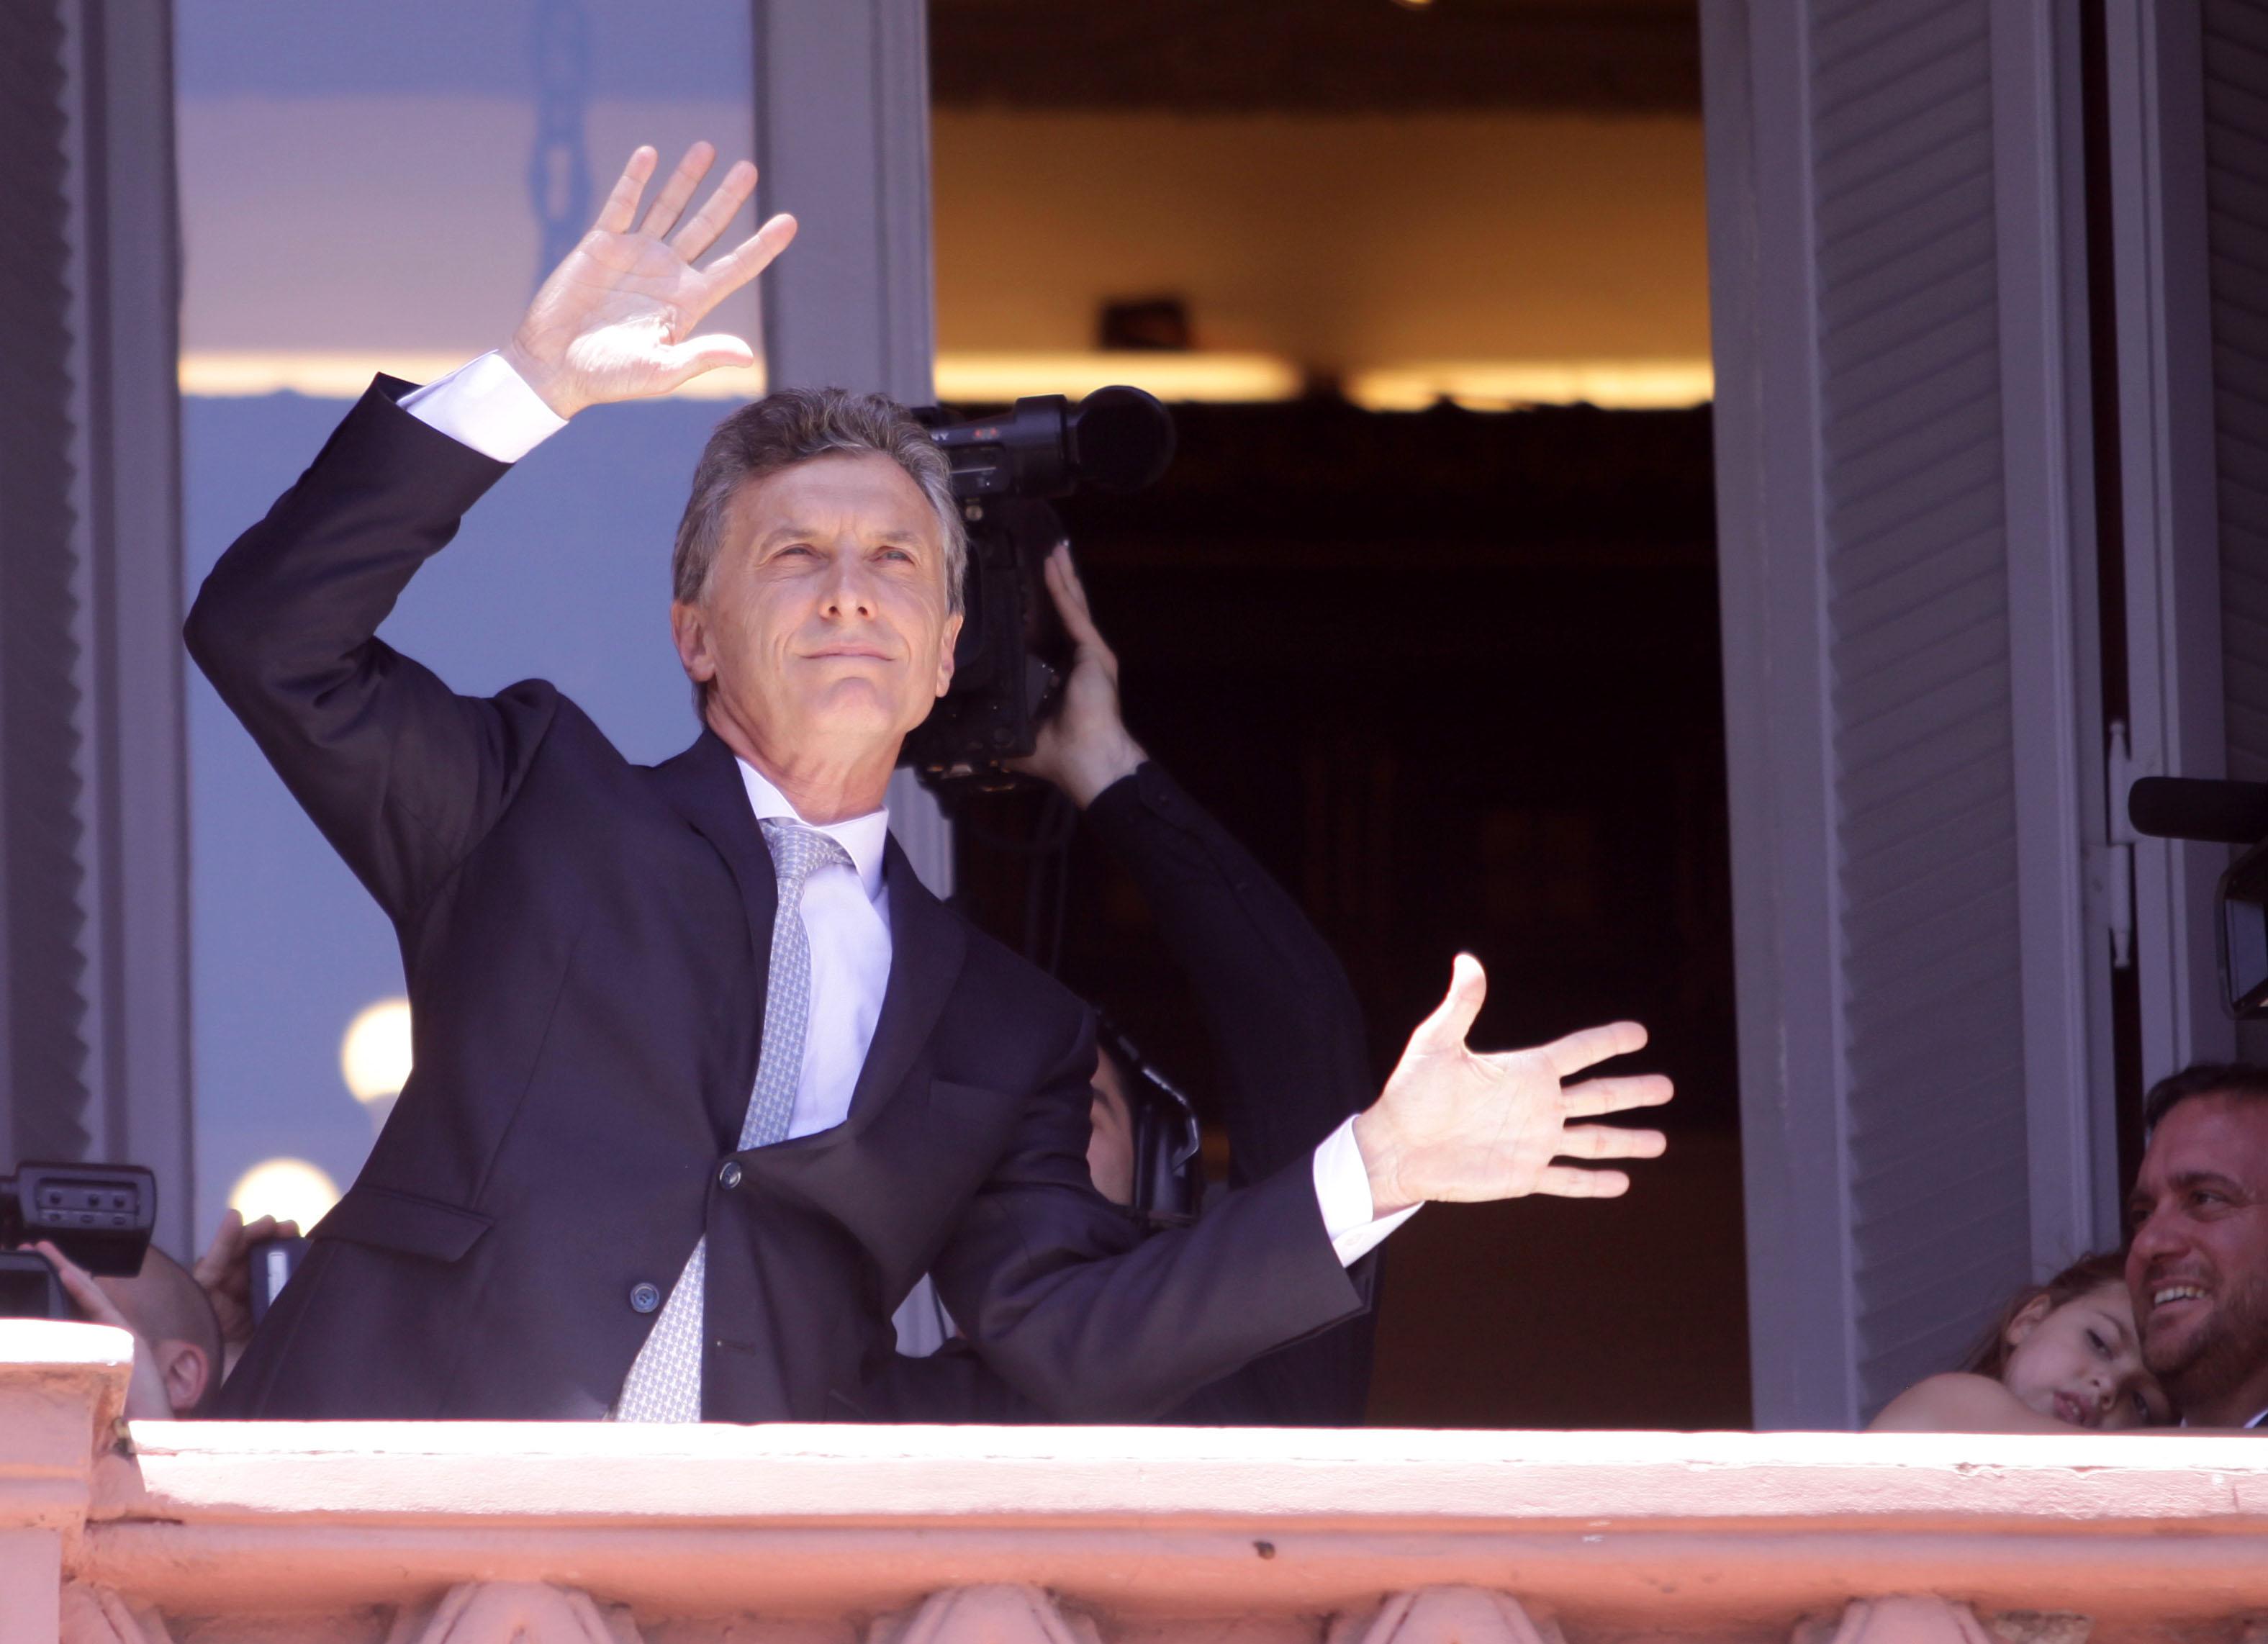 DYN918, BUENOS AIRES, 10/12/2015, EL PRESIDENTE MAURICIO MACRI BAILA EN EL BALCON DE LA ROSADA FOTO:DYN/ALBERTO RAGGIO.